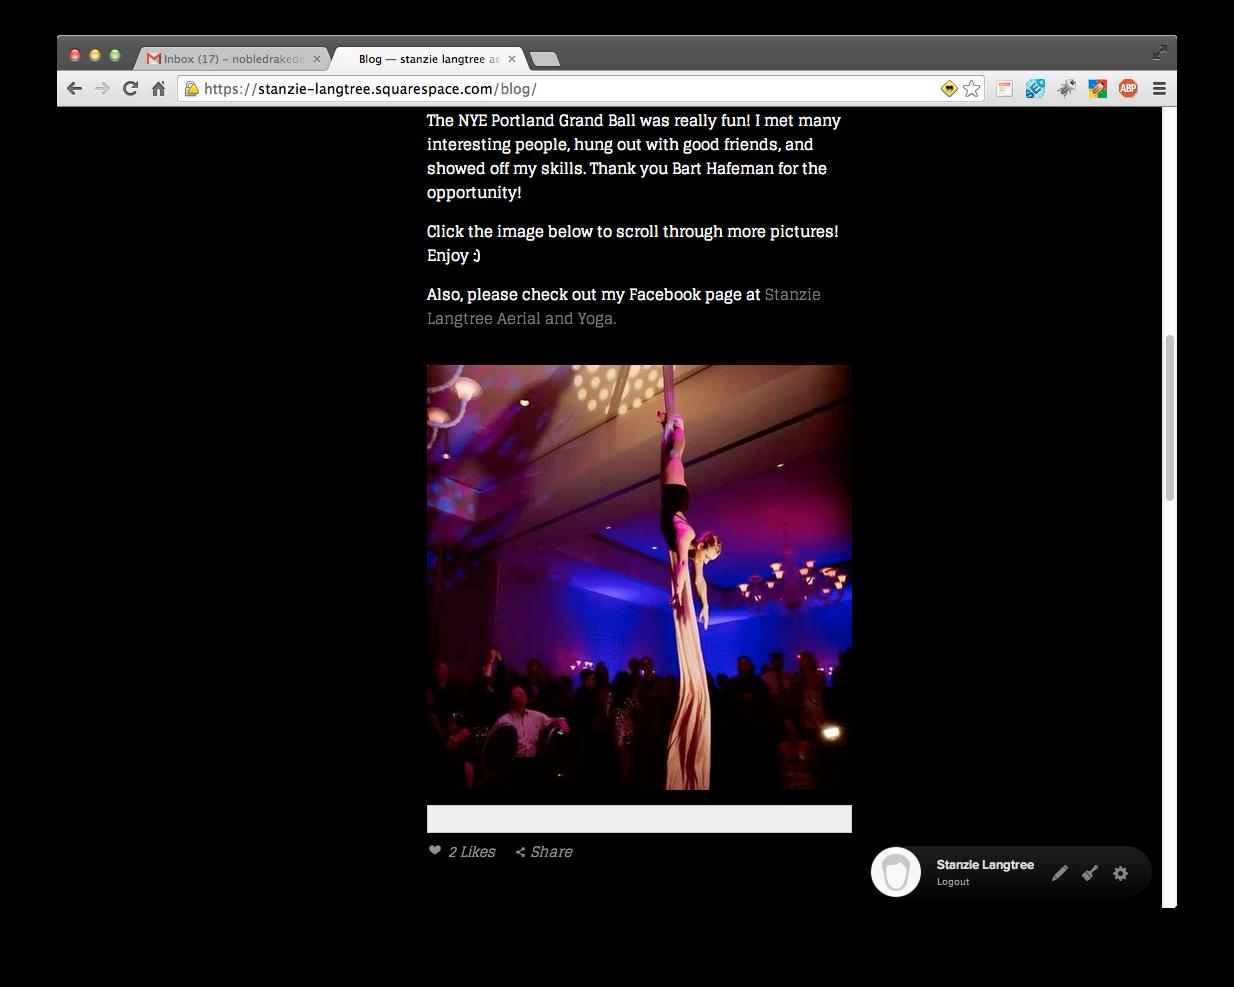 Screen Shot 2014-01-08 at 4.36.28 PM.png